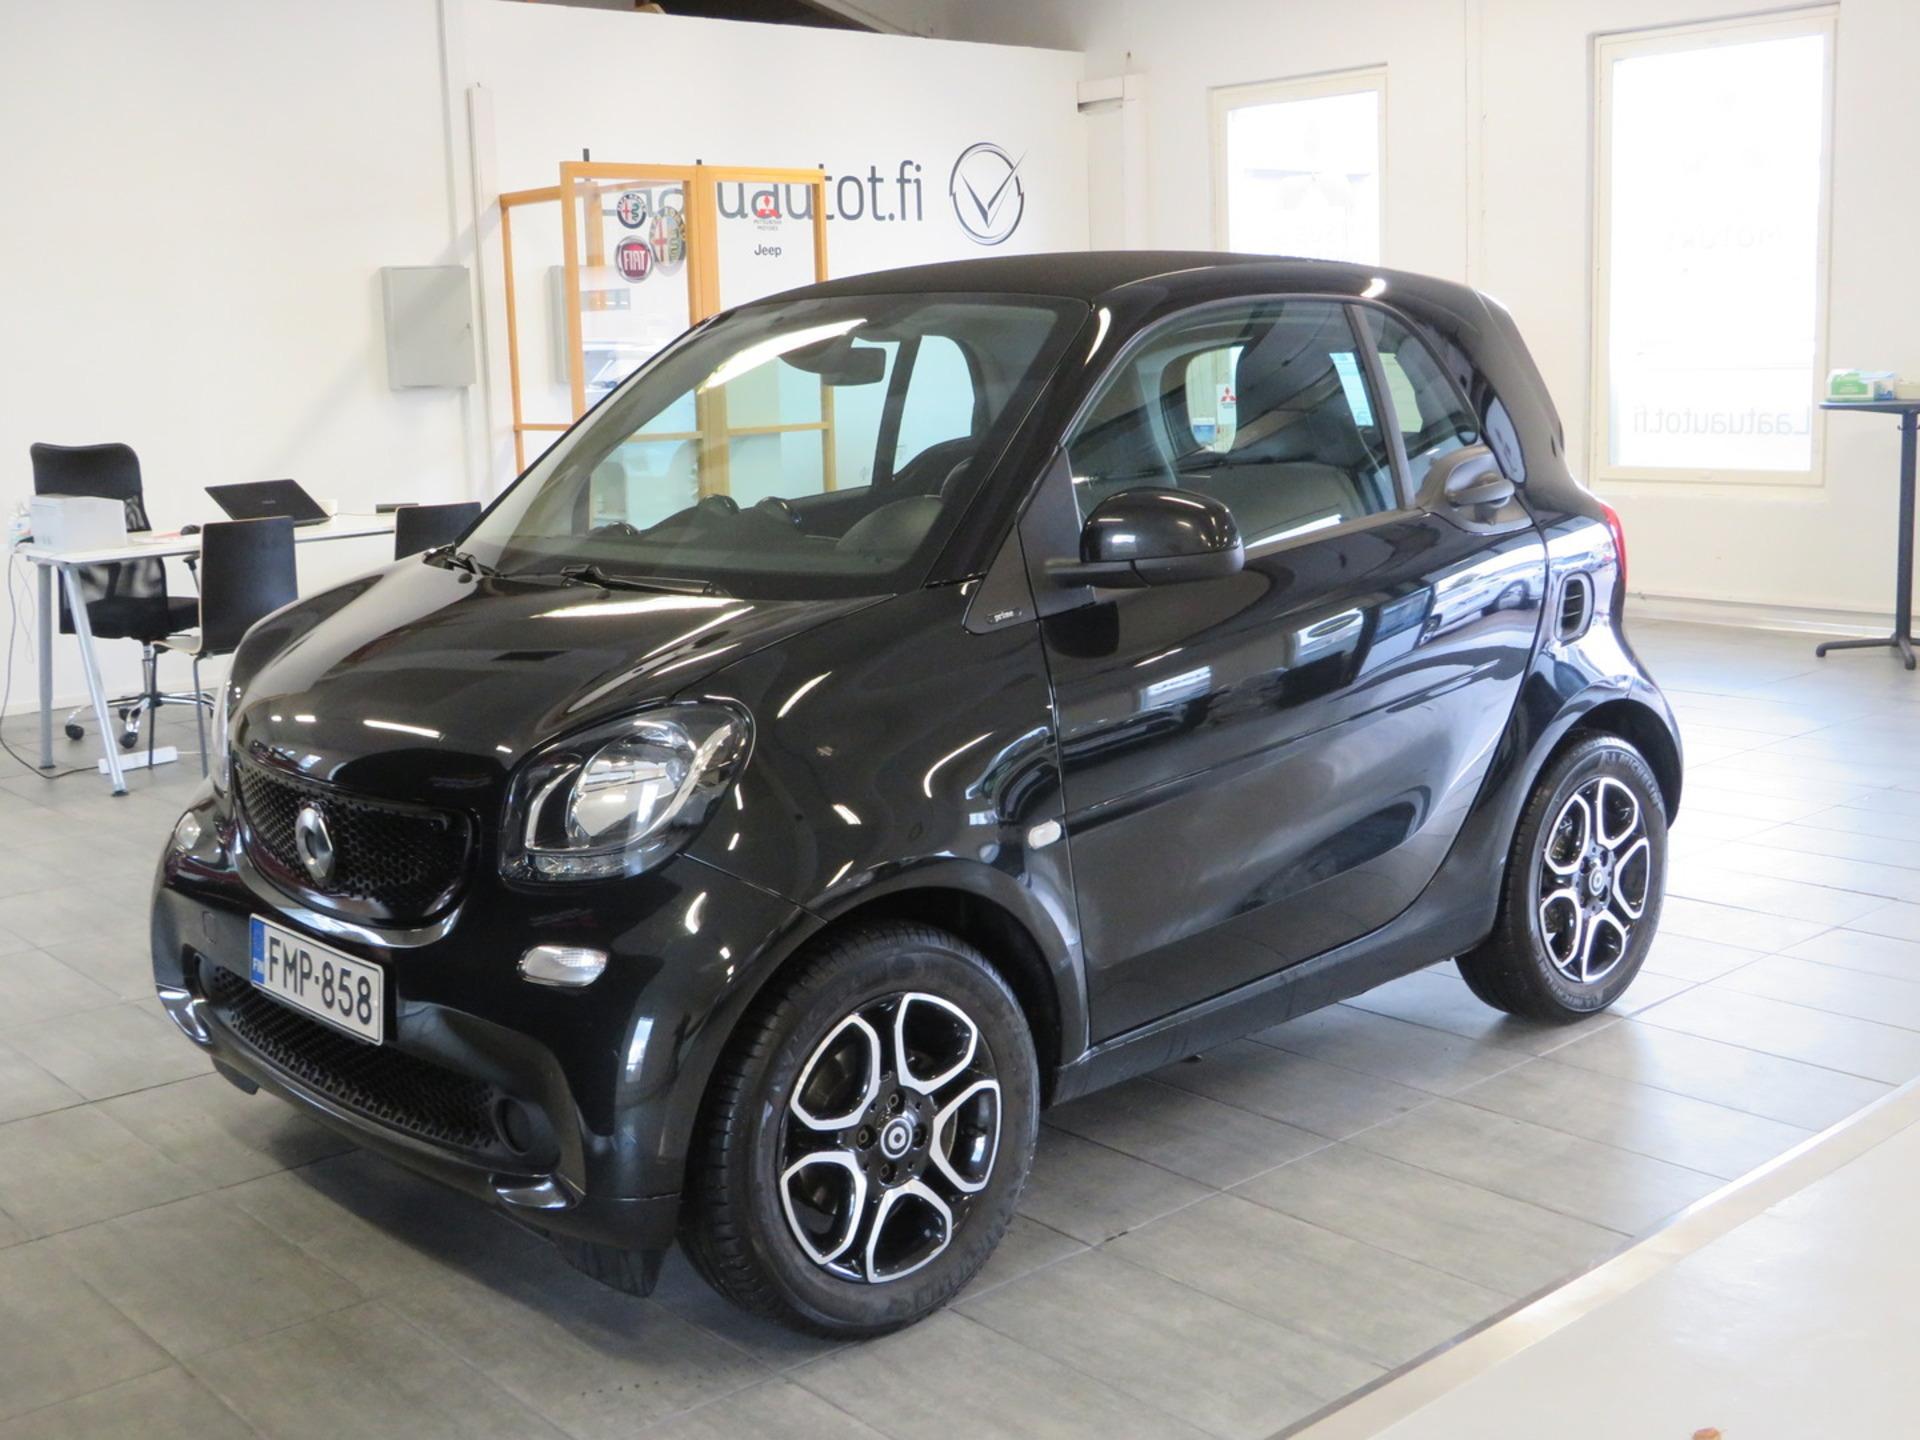 SMART FORTWO coupe prime 52 kW A - ,  Korko 1, 89%,  rahoitus jopa ilman käsirahaa! 1-omistaja,  Nahkasisusta,  Vakionopeudensäädin,  Auto AC!